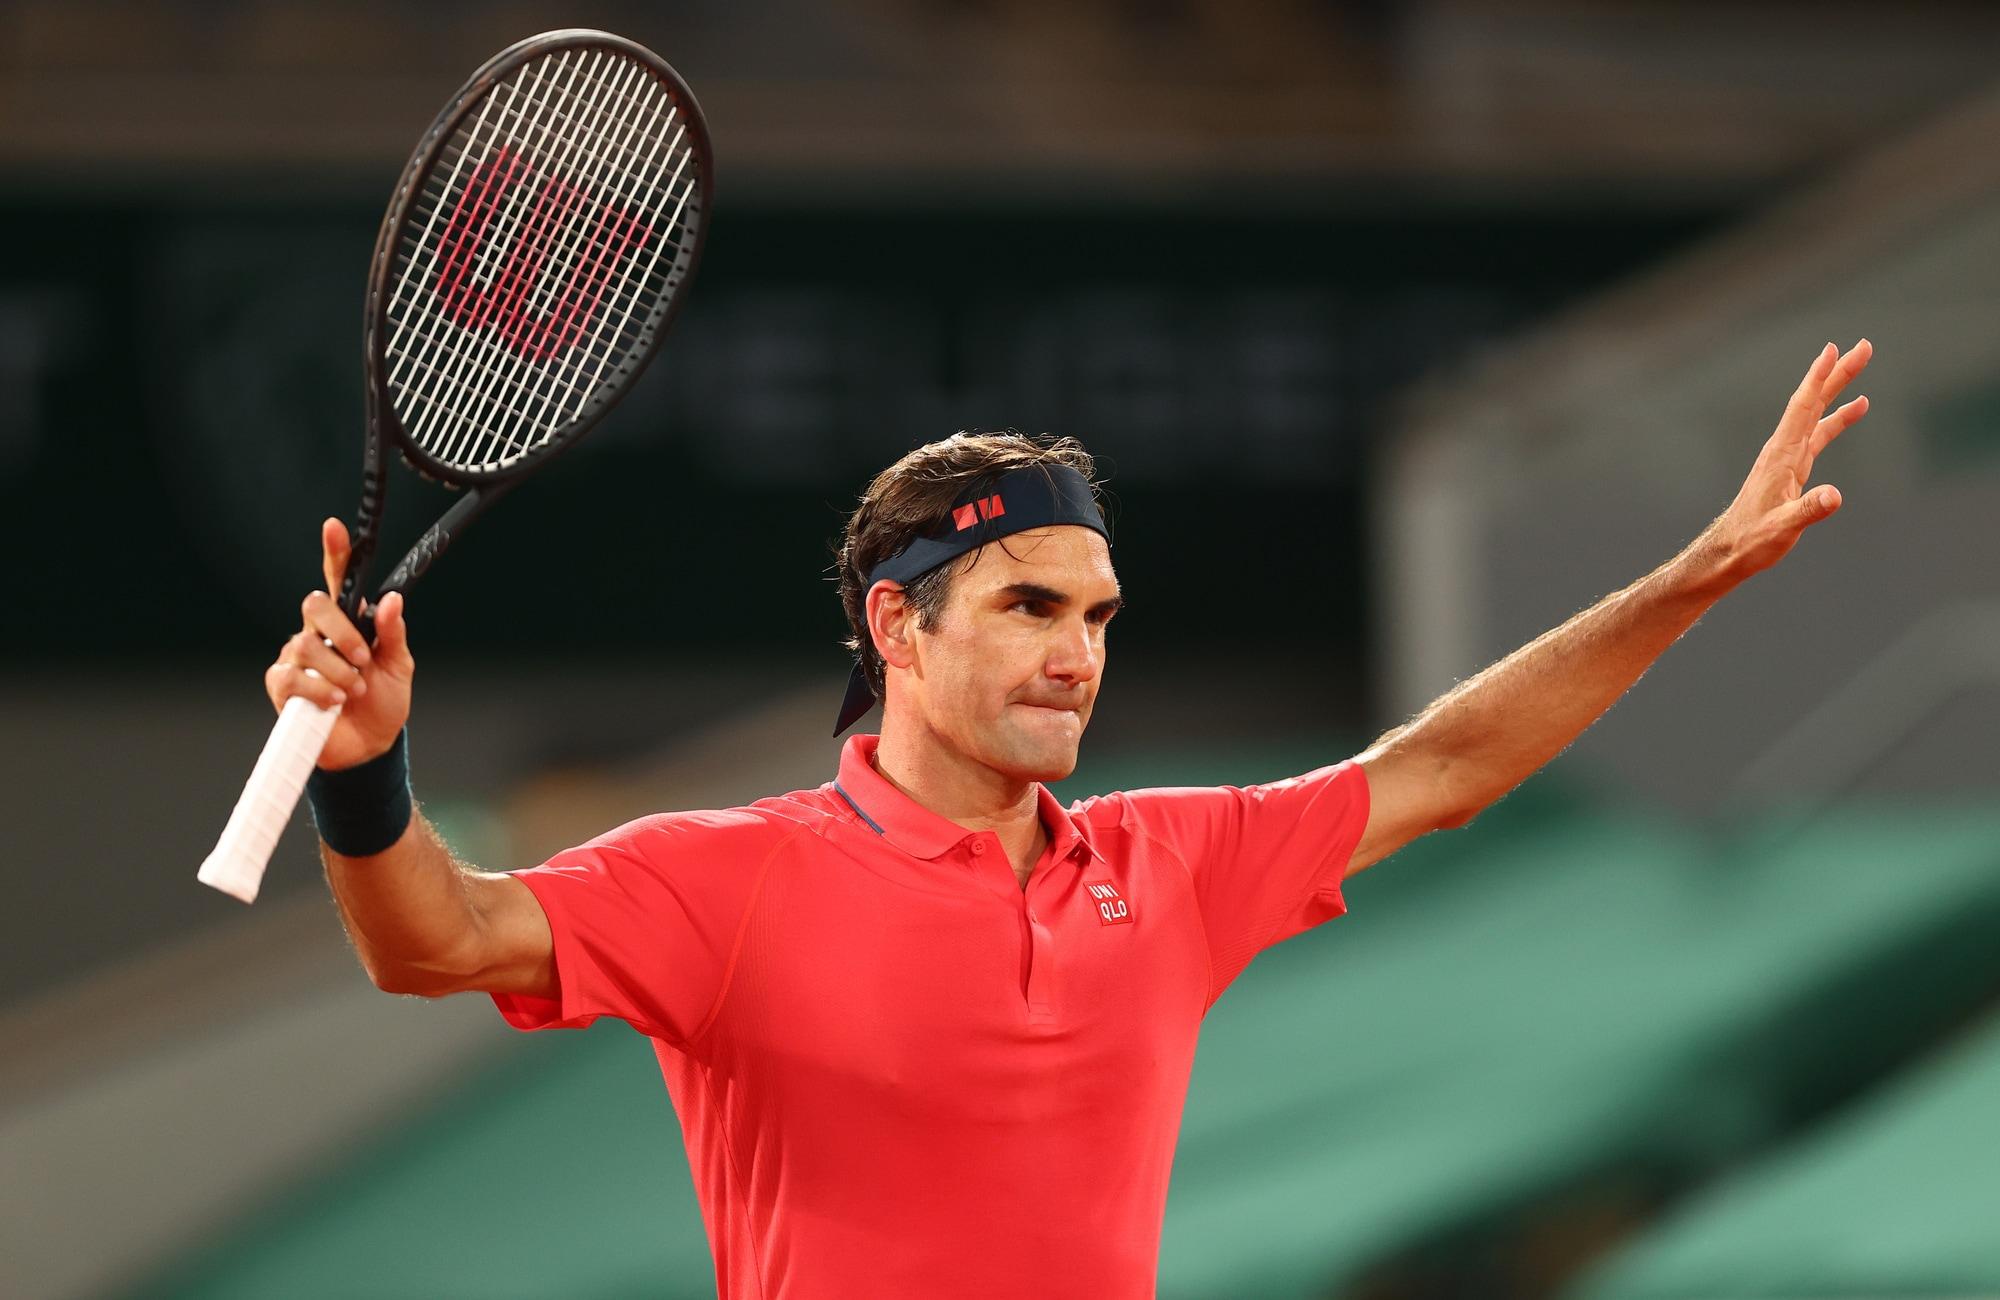 """083052438 ff406362 47a1 4ff2 9fc2 38c9f48bdcaf - Roland Garros, Federer agli ottavi: """"Berrettini? Potrei ritirarmi"""""""